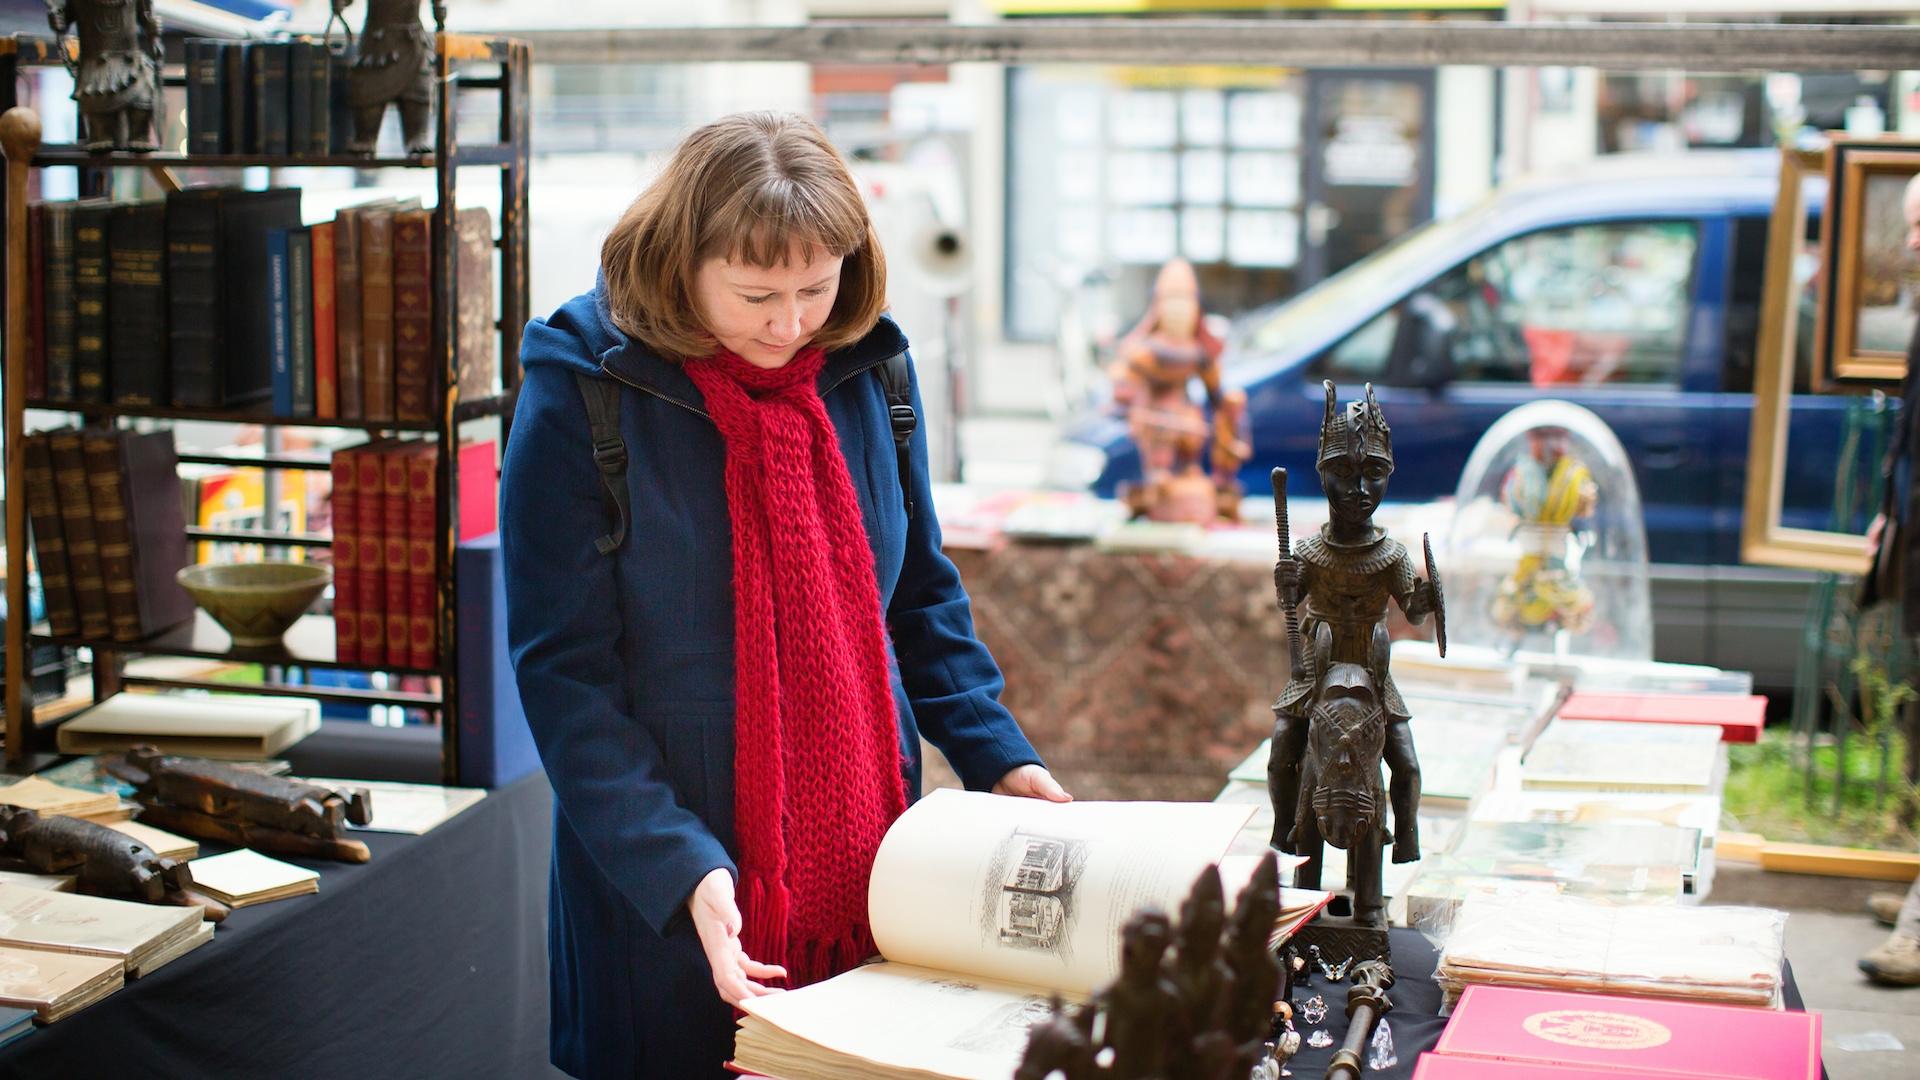 Sml Lady Antique Books Paris Market